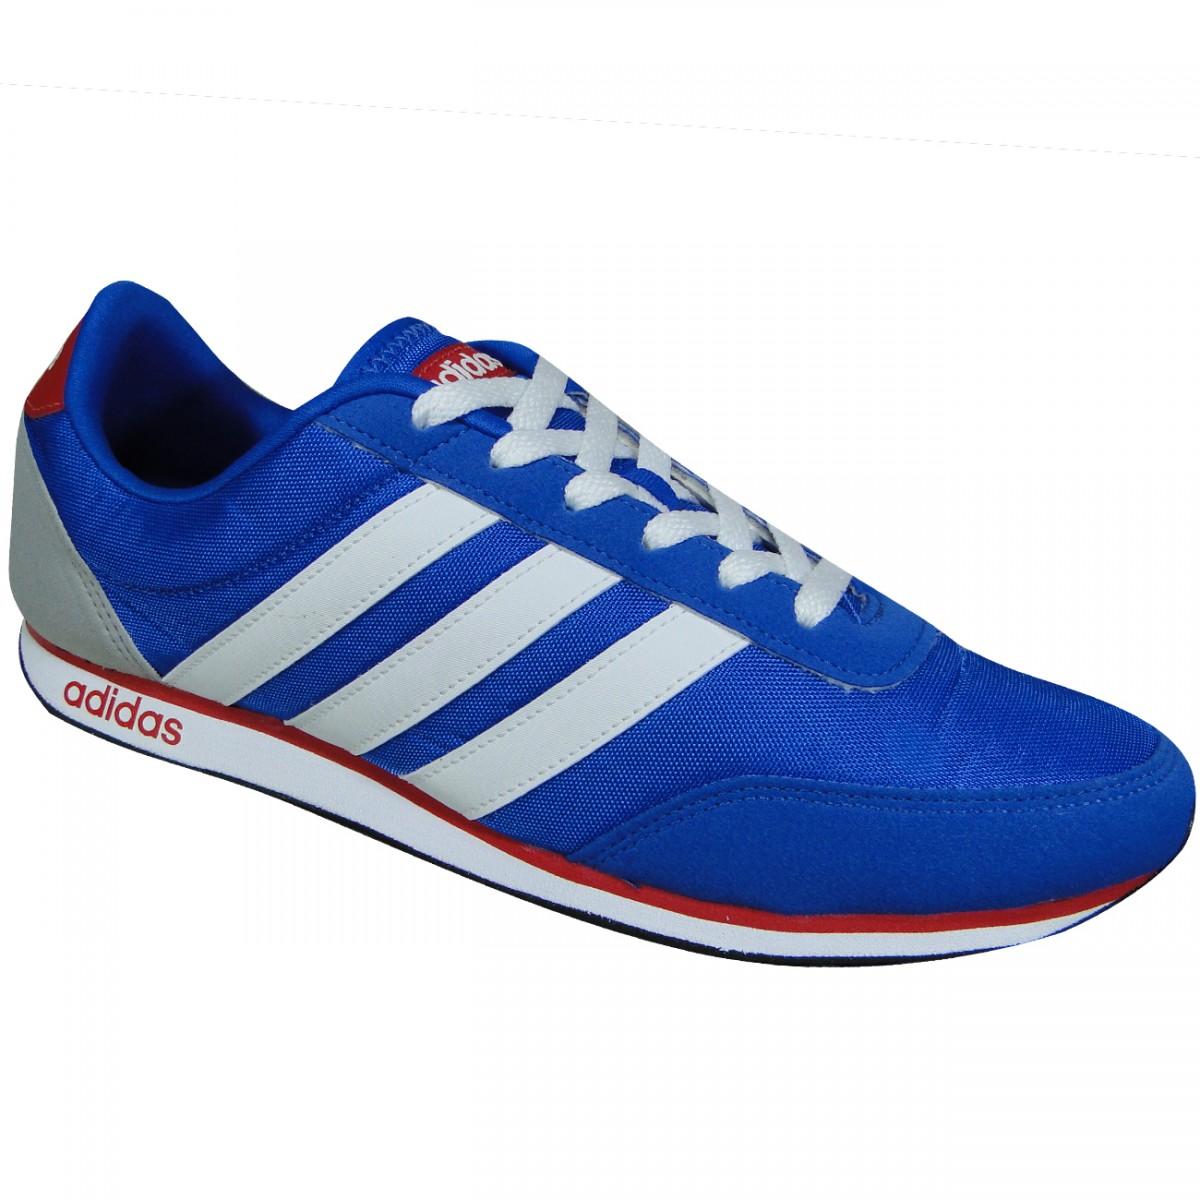 198d8b5718ce3 Tenis Adidas V Racer AW5051 - Azul Branco Vermelho - Chuteira Nike ...